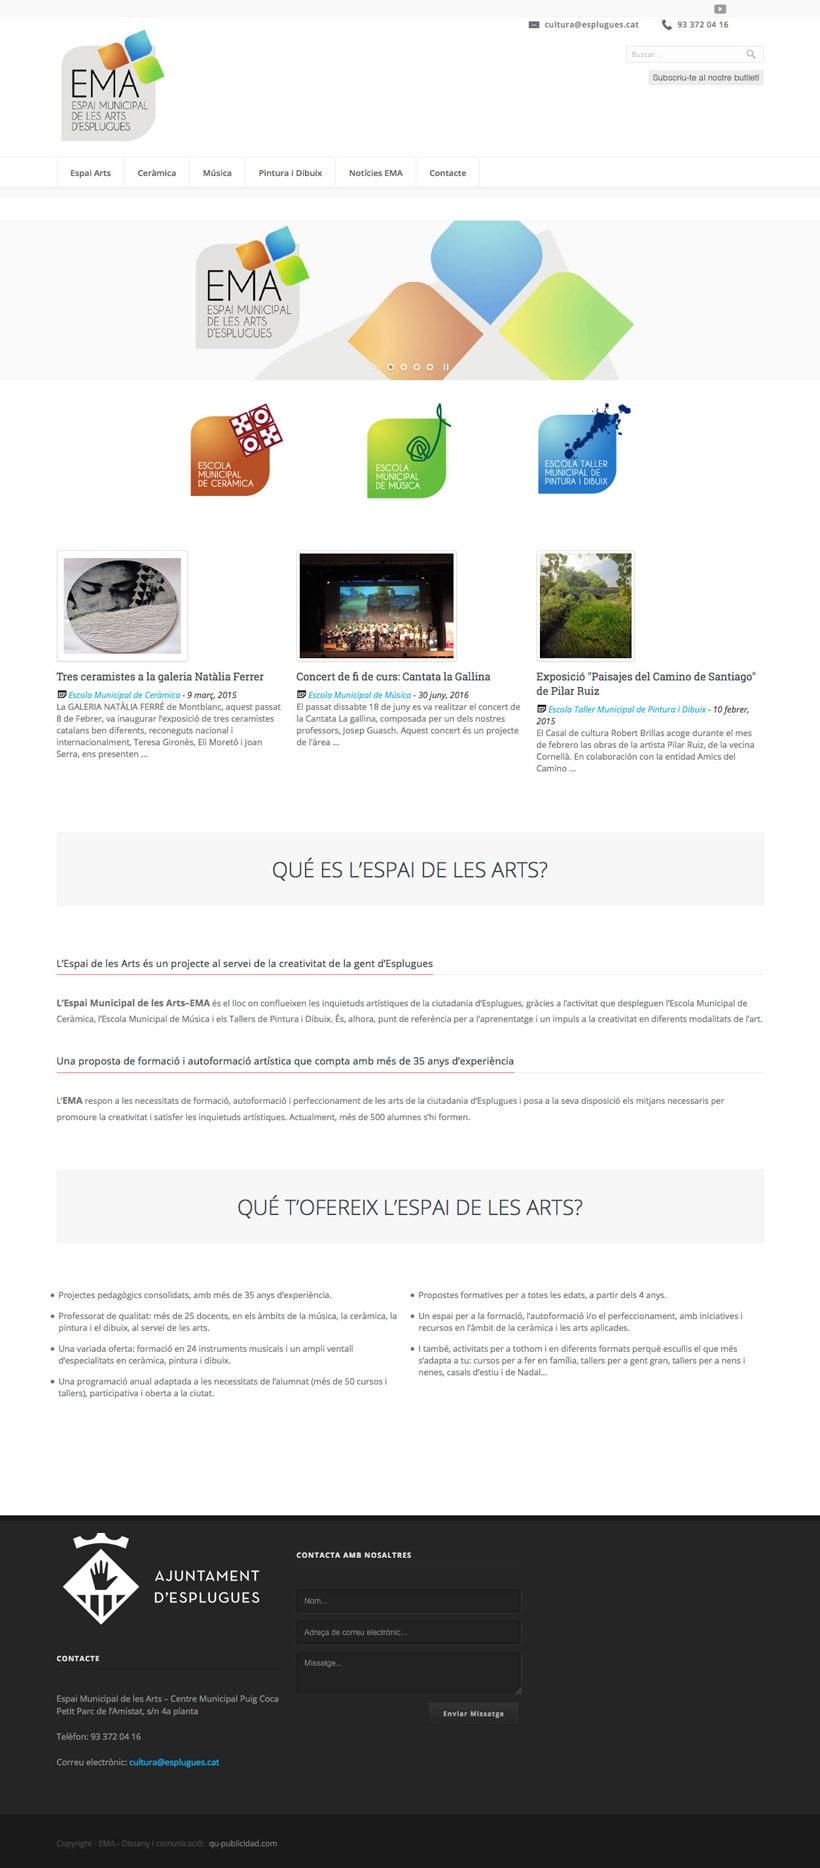 Espai Municipal de les Art d'Esplugues  | Website 2